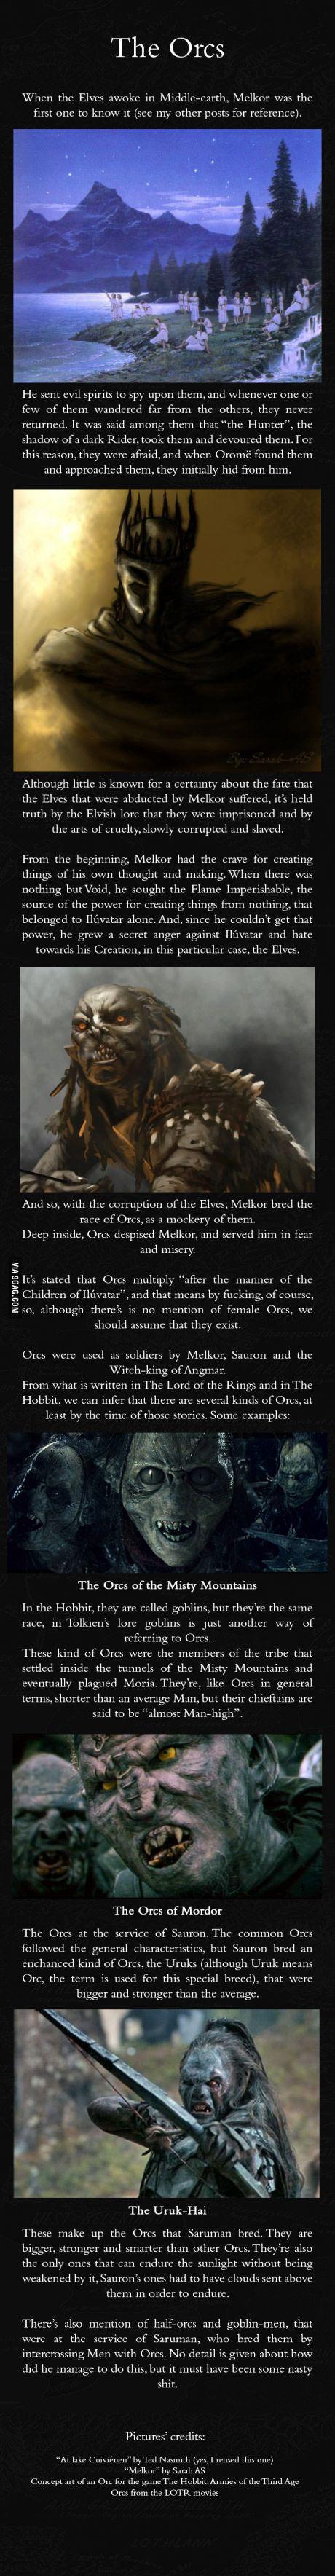 Orcs - J.R.R. Mythology